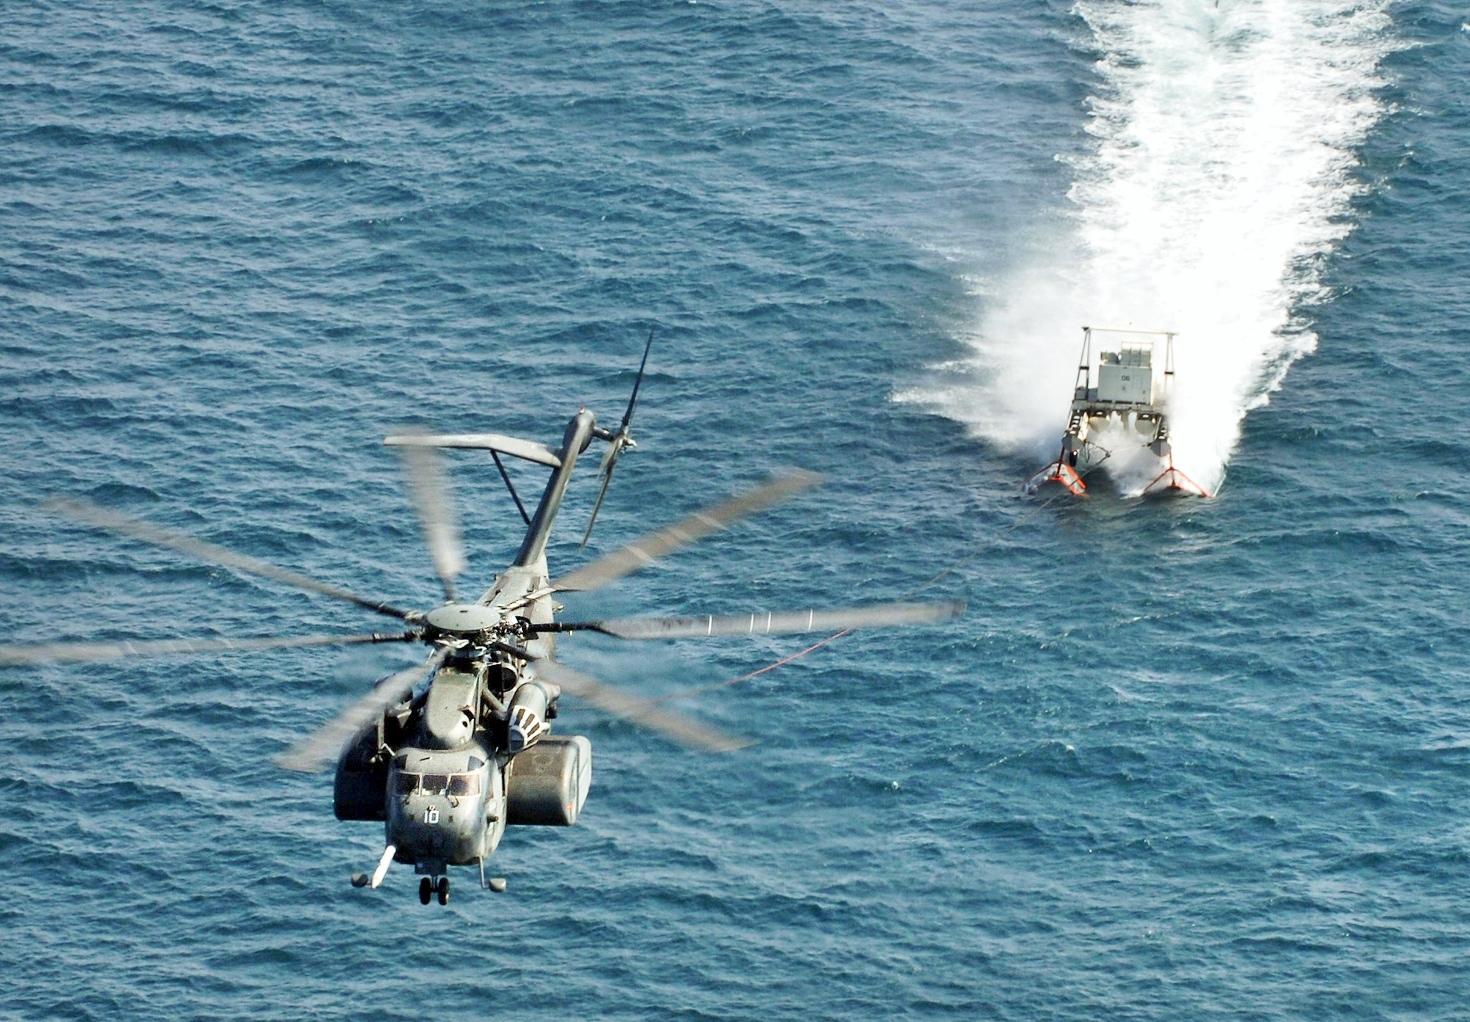 US_Navy_071112-N-1465K-005_An_MH-53E_Sea